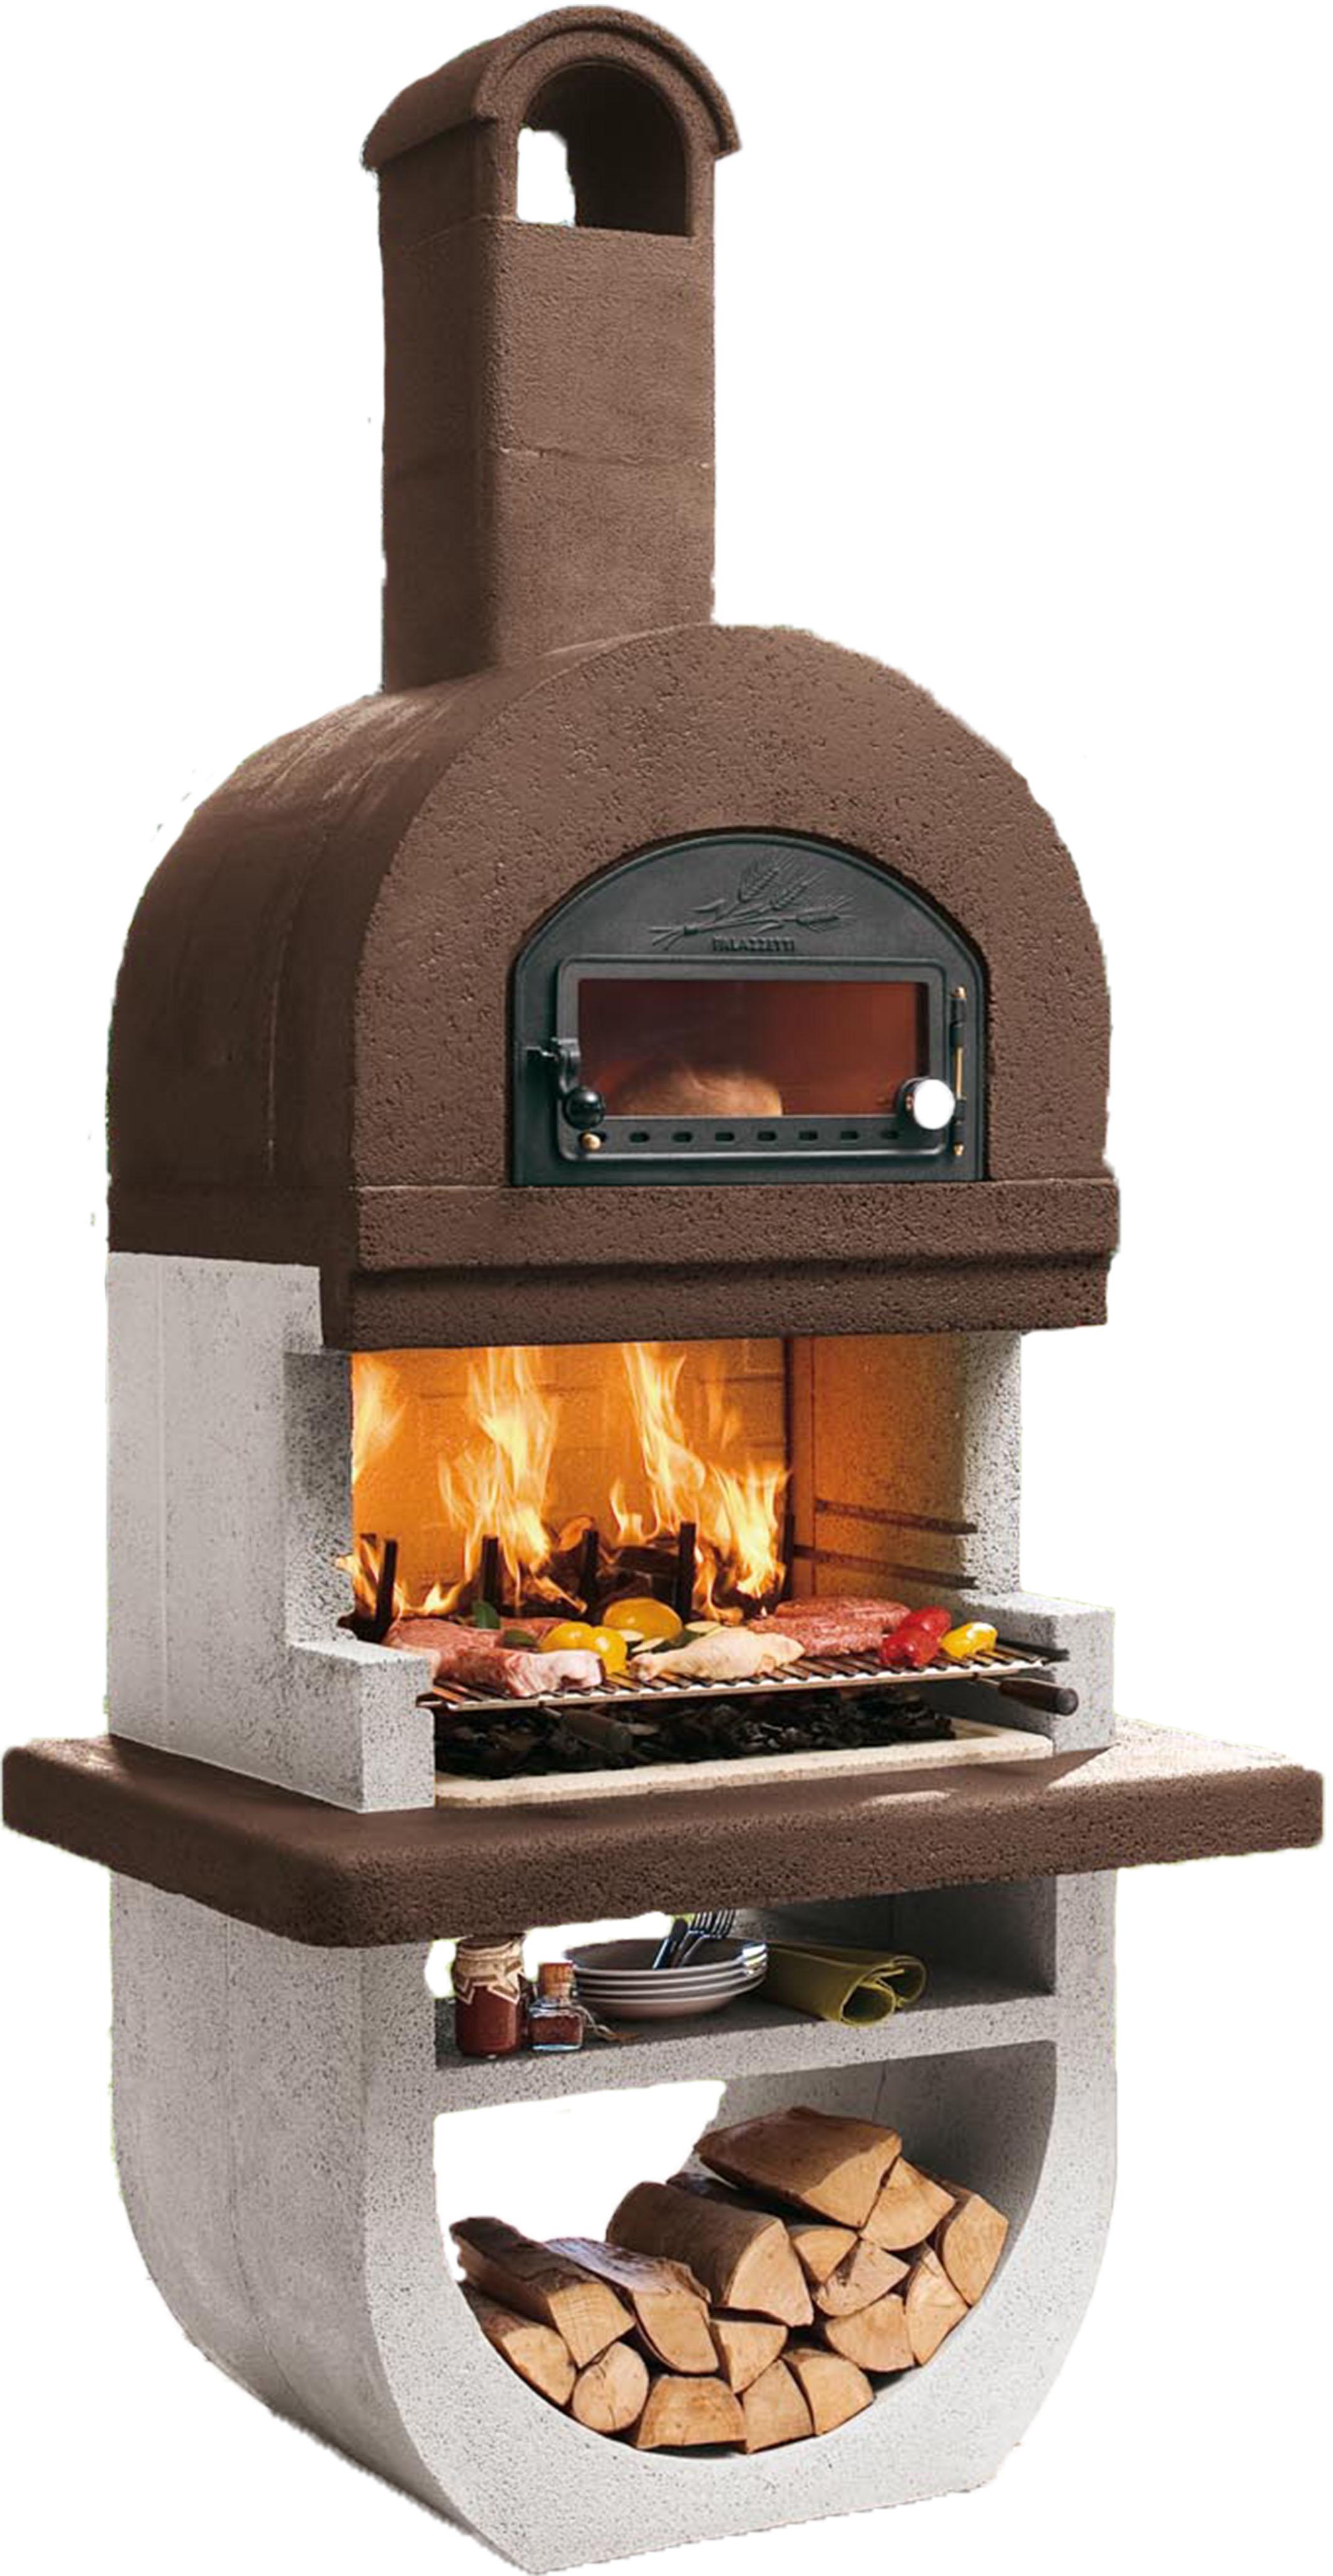 Tendenza ebay tutti pazzi per il barbecue ebay inc for Barbecue oslo palazzetti